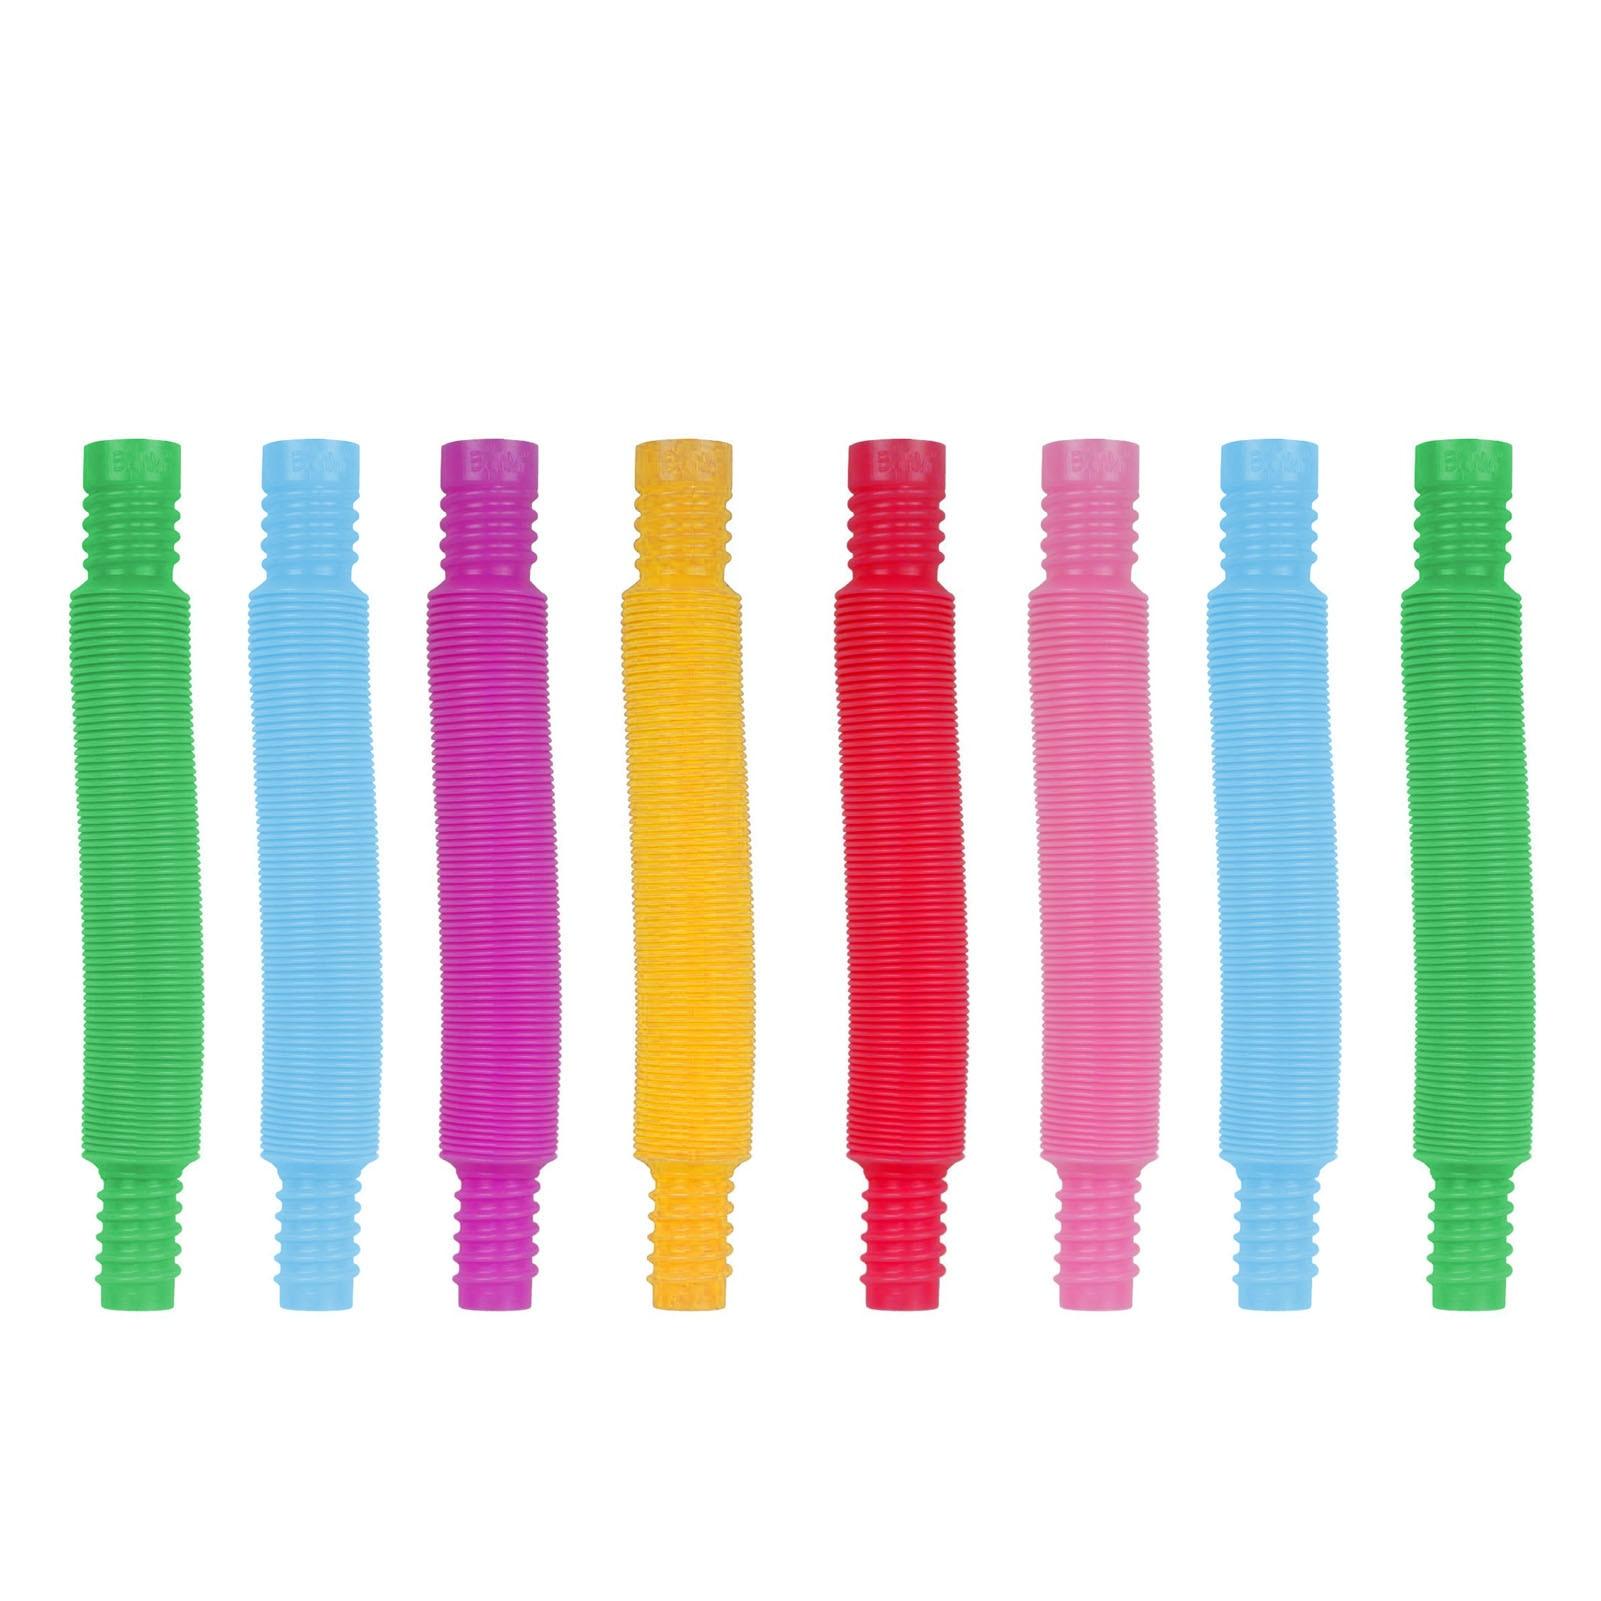 Bunte Kunststoff Pop Rohr Spule Kinder Kreative Magische ToysCircle Lustige Spielzeug Frühe Entwicklung Pädagogisches Klapp Spielzeug